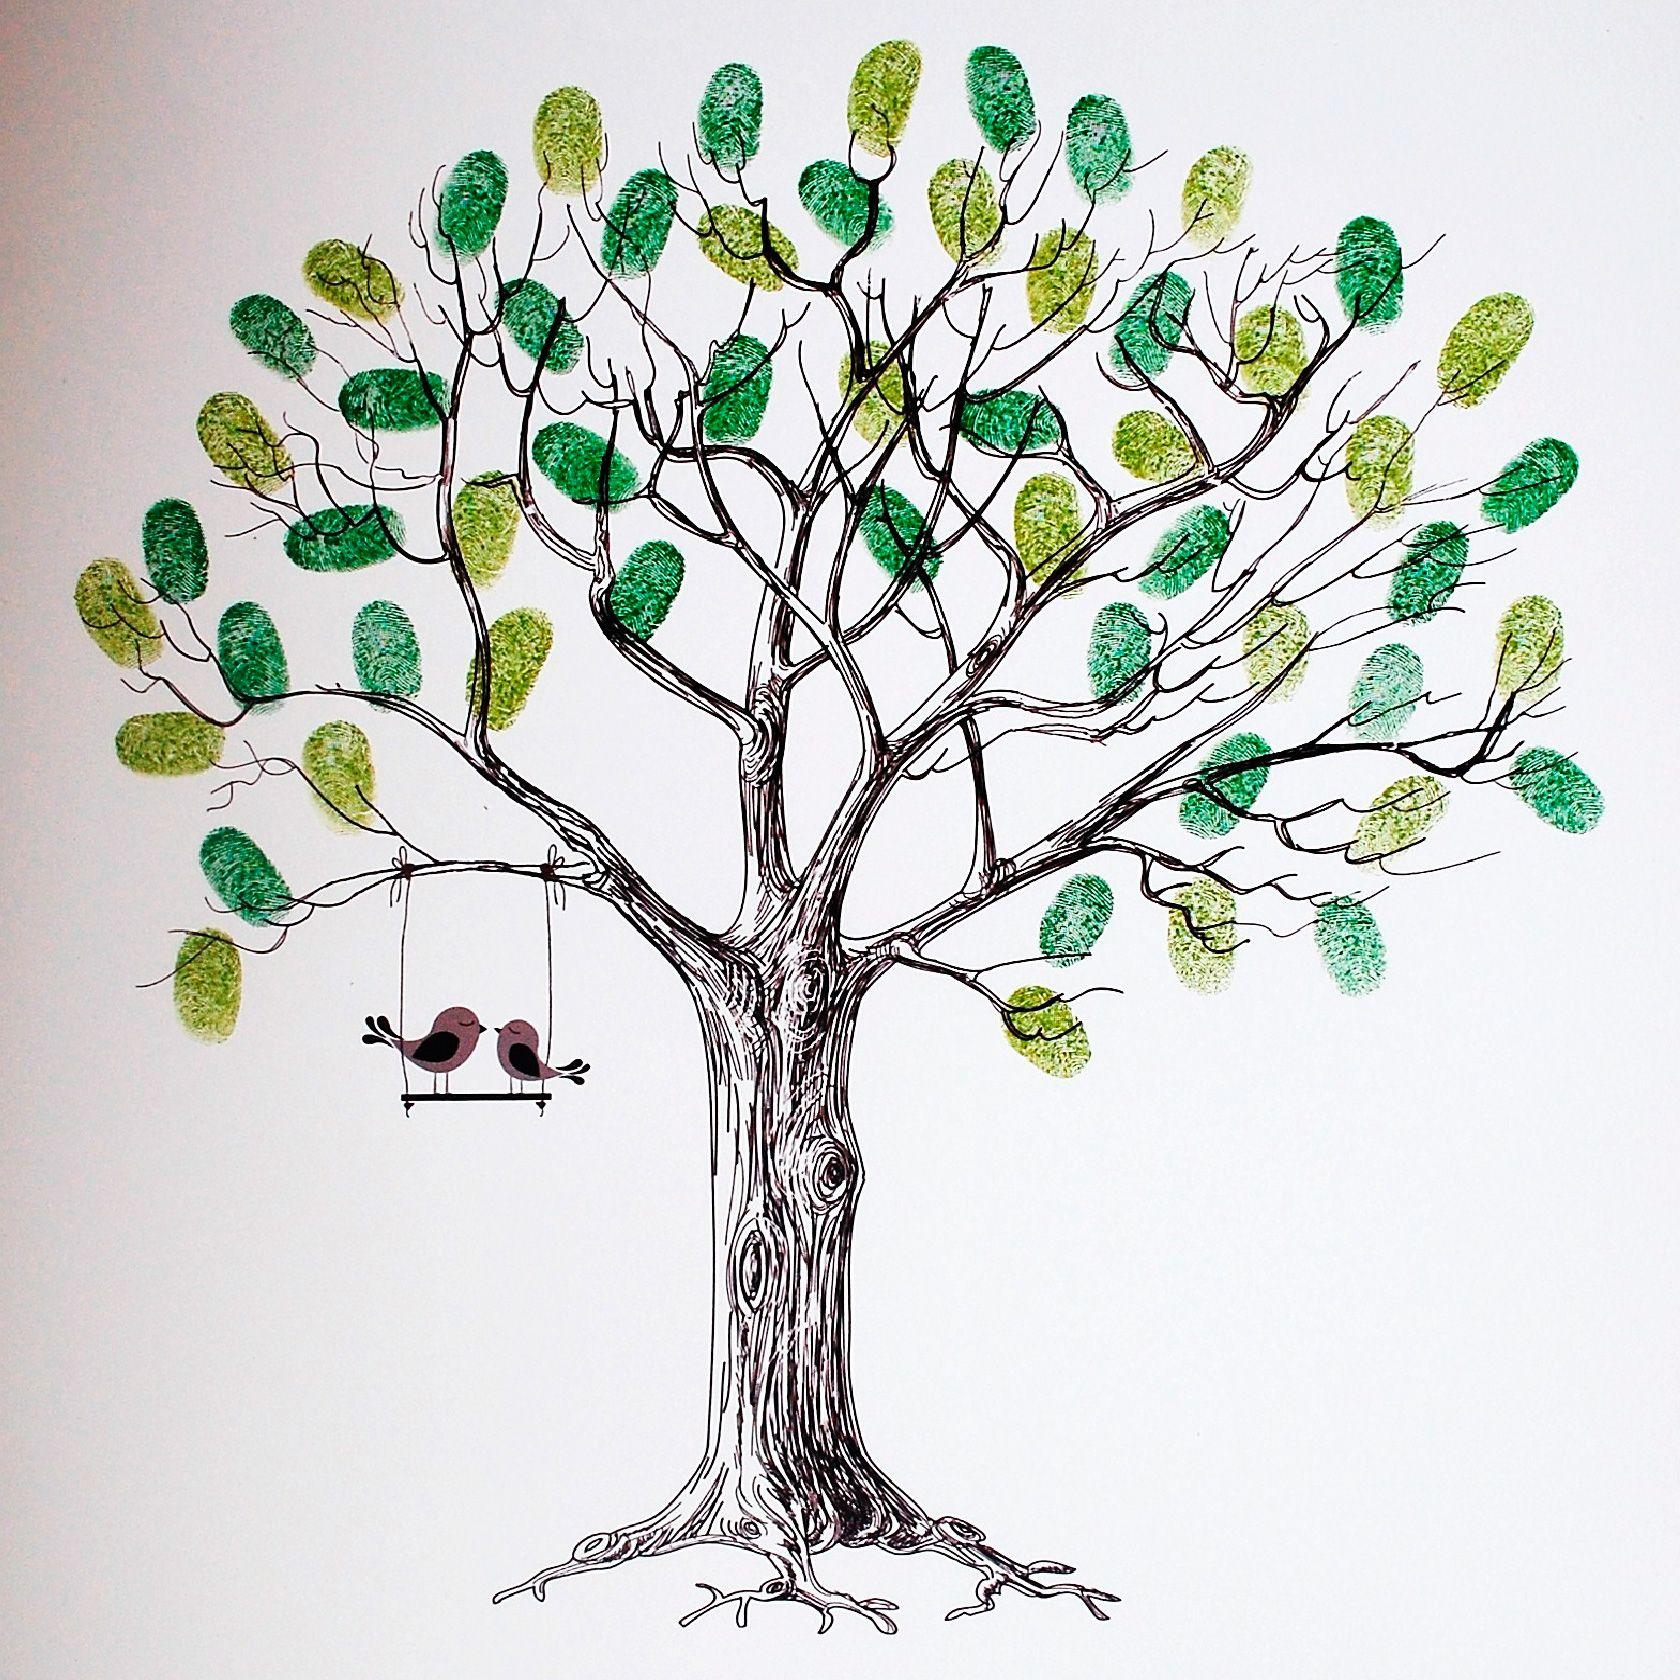 канал, жмите поздравление из отпечатков пальцев схема дерева всей души желаю